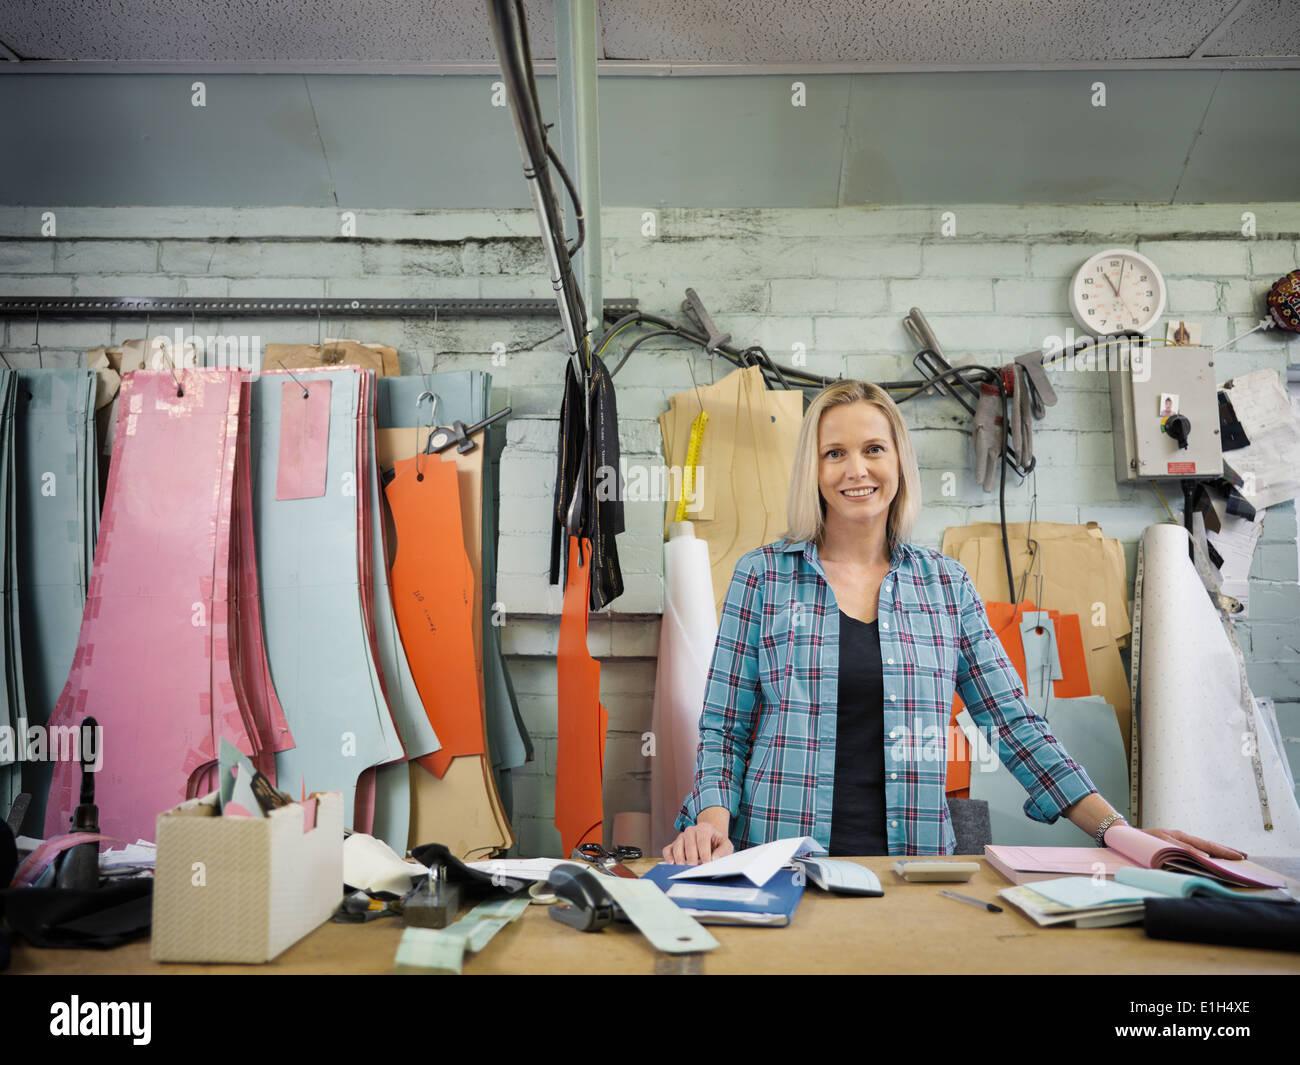 Porträt des Modedesigners schneiden Desk Kleiderfabrik, Lächeln Stockbild